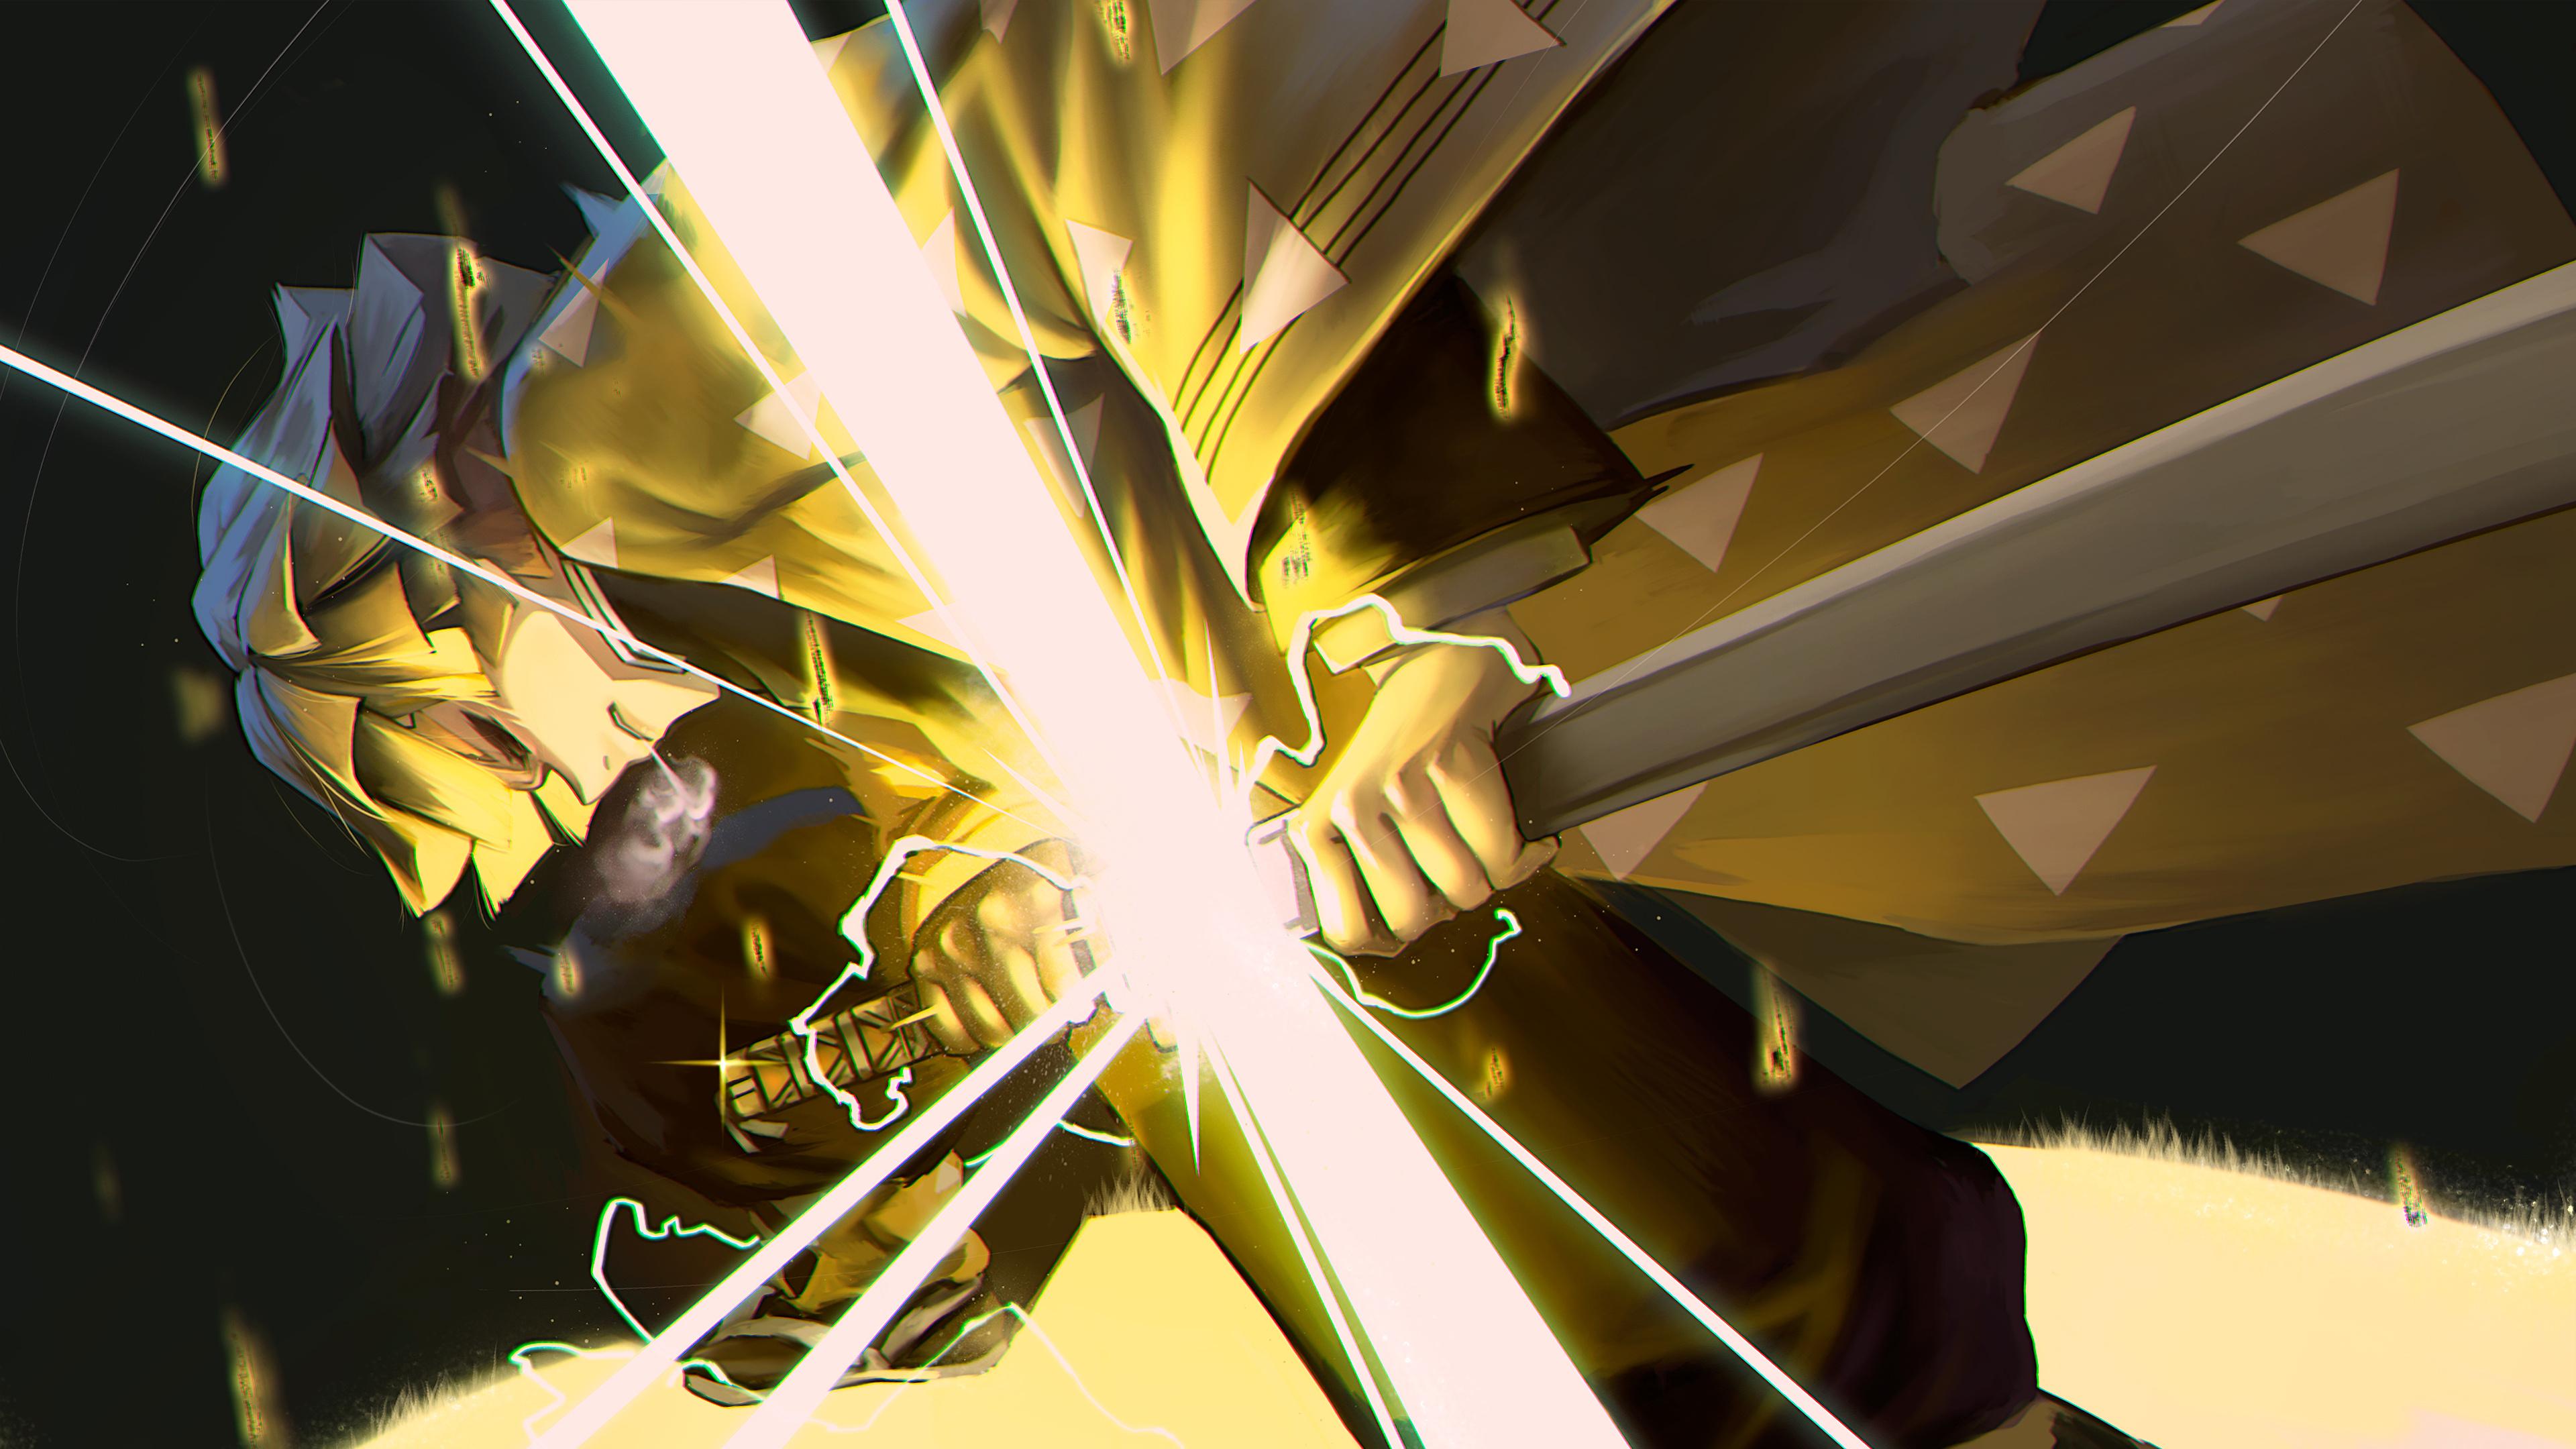 Wallpaper Kimetsu No Yaiba Zenitsu Agatsuma Anime